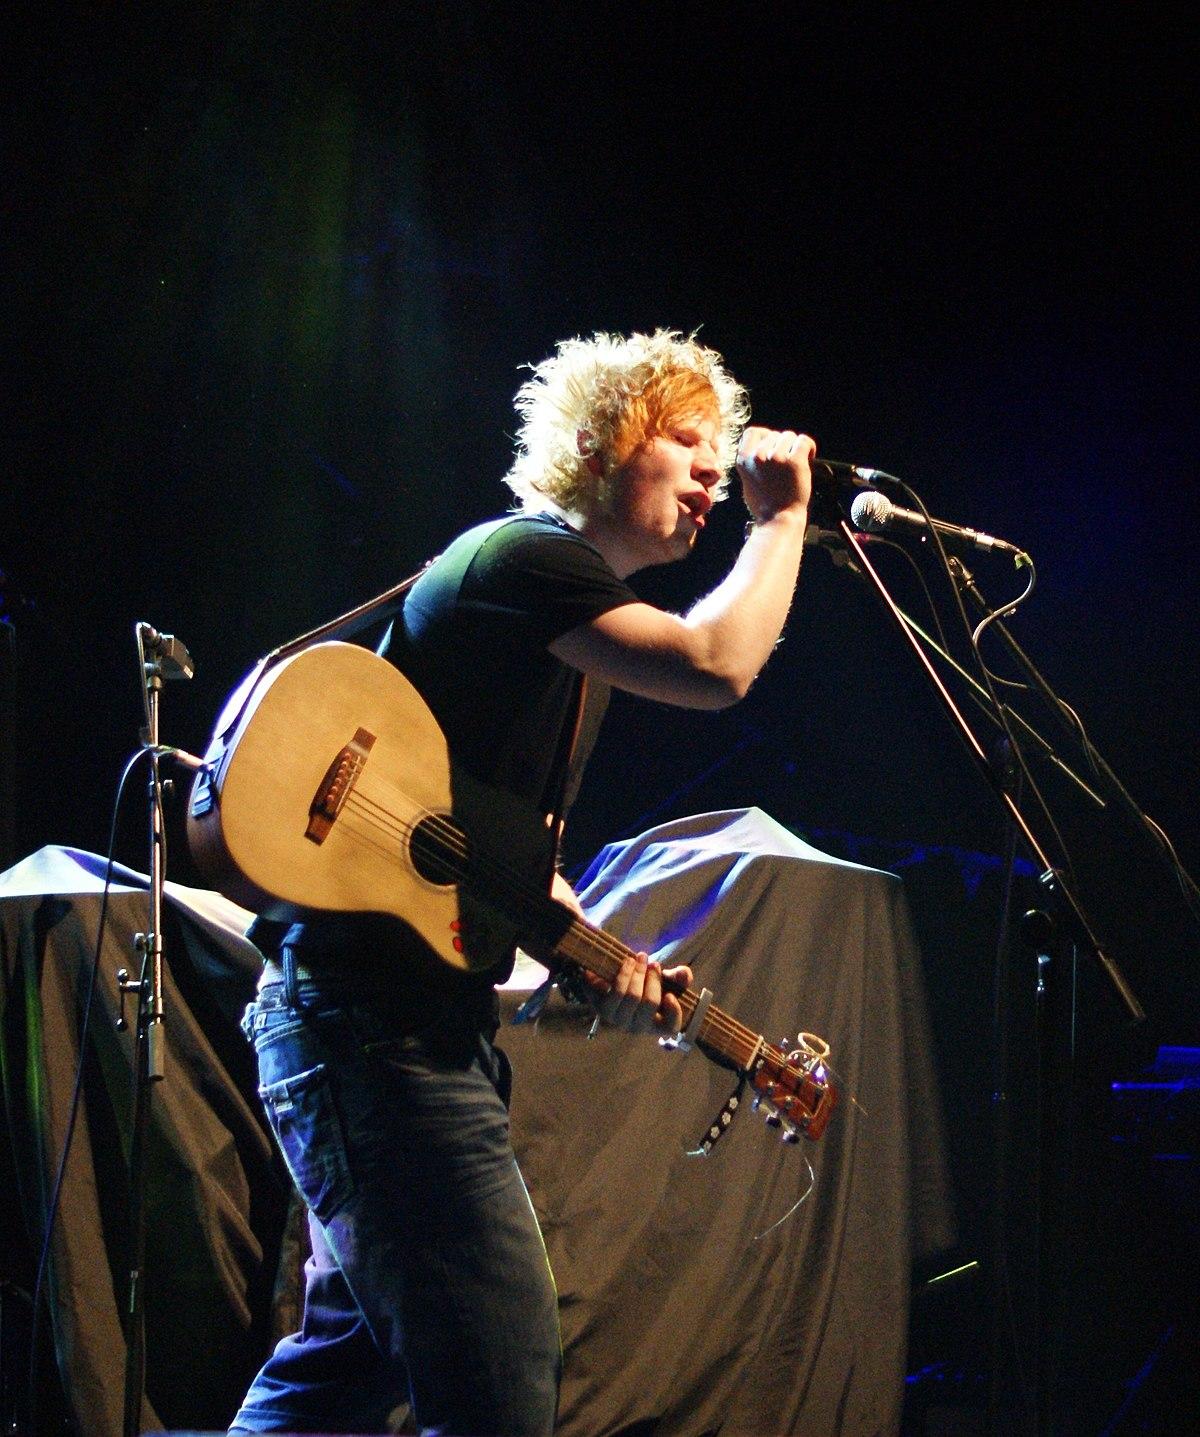 Ed Sheeran Live Room You Need Me Lyrics